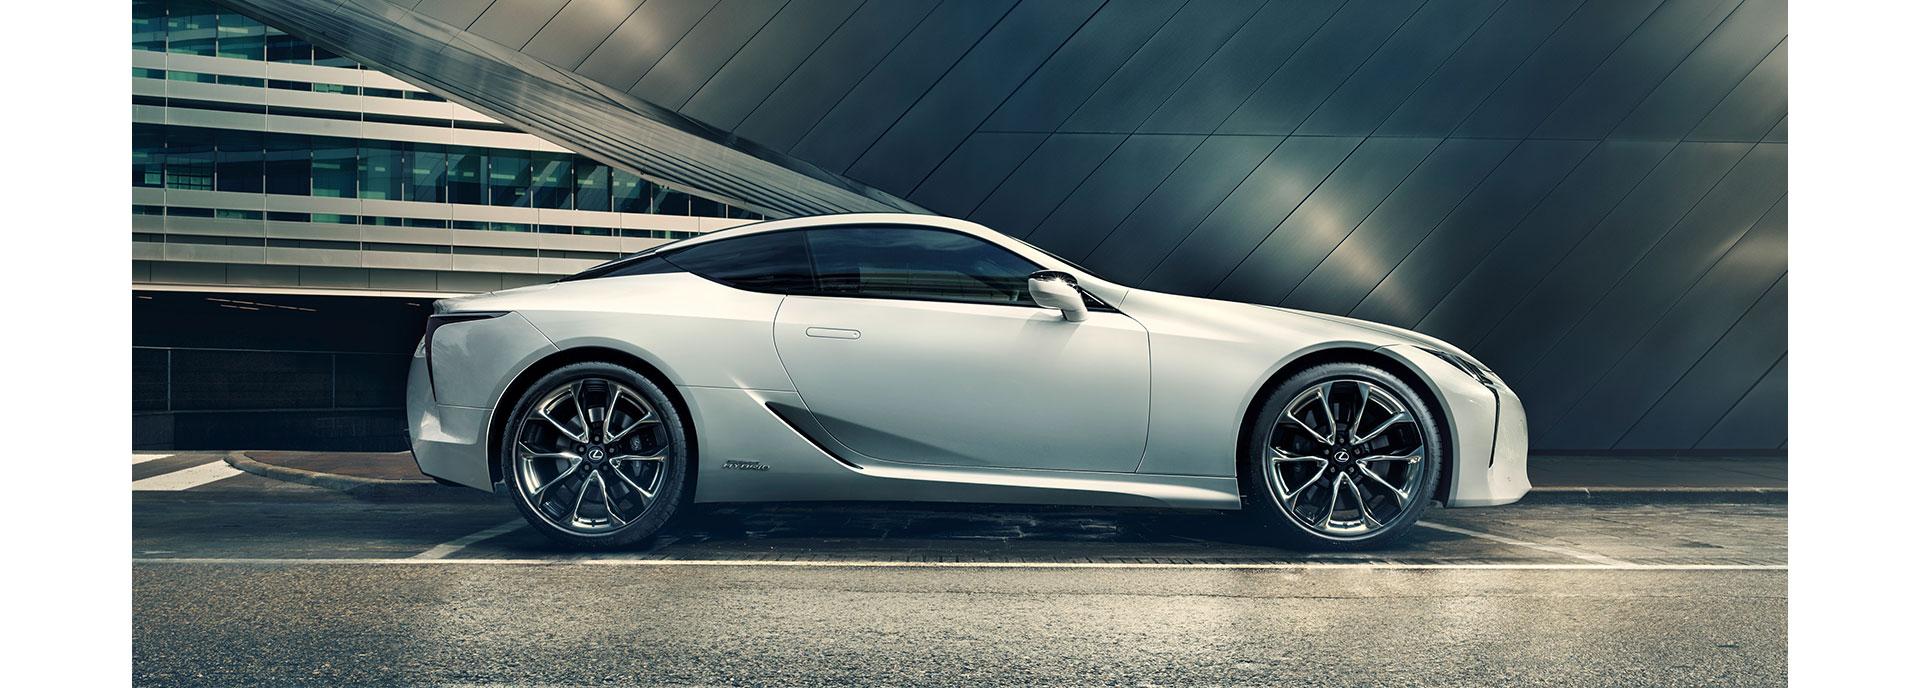 Zijaanzicht van een stilstaande witte Lexus LC 500h